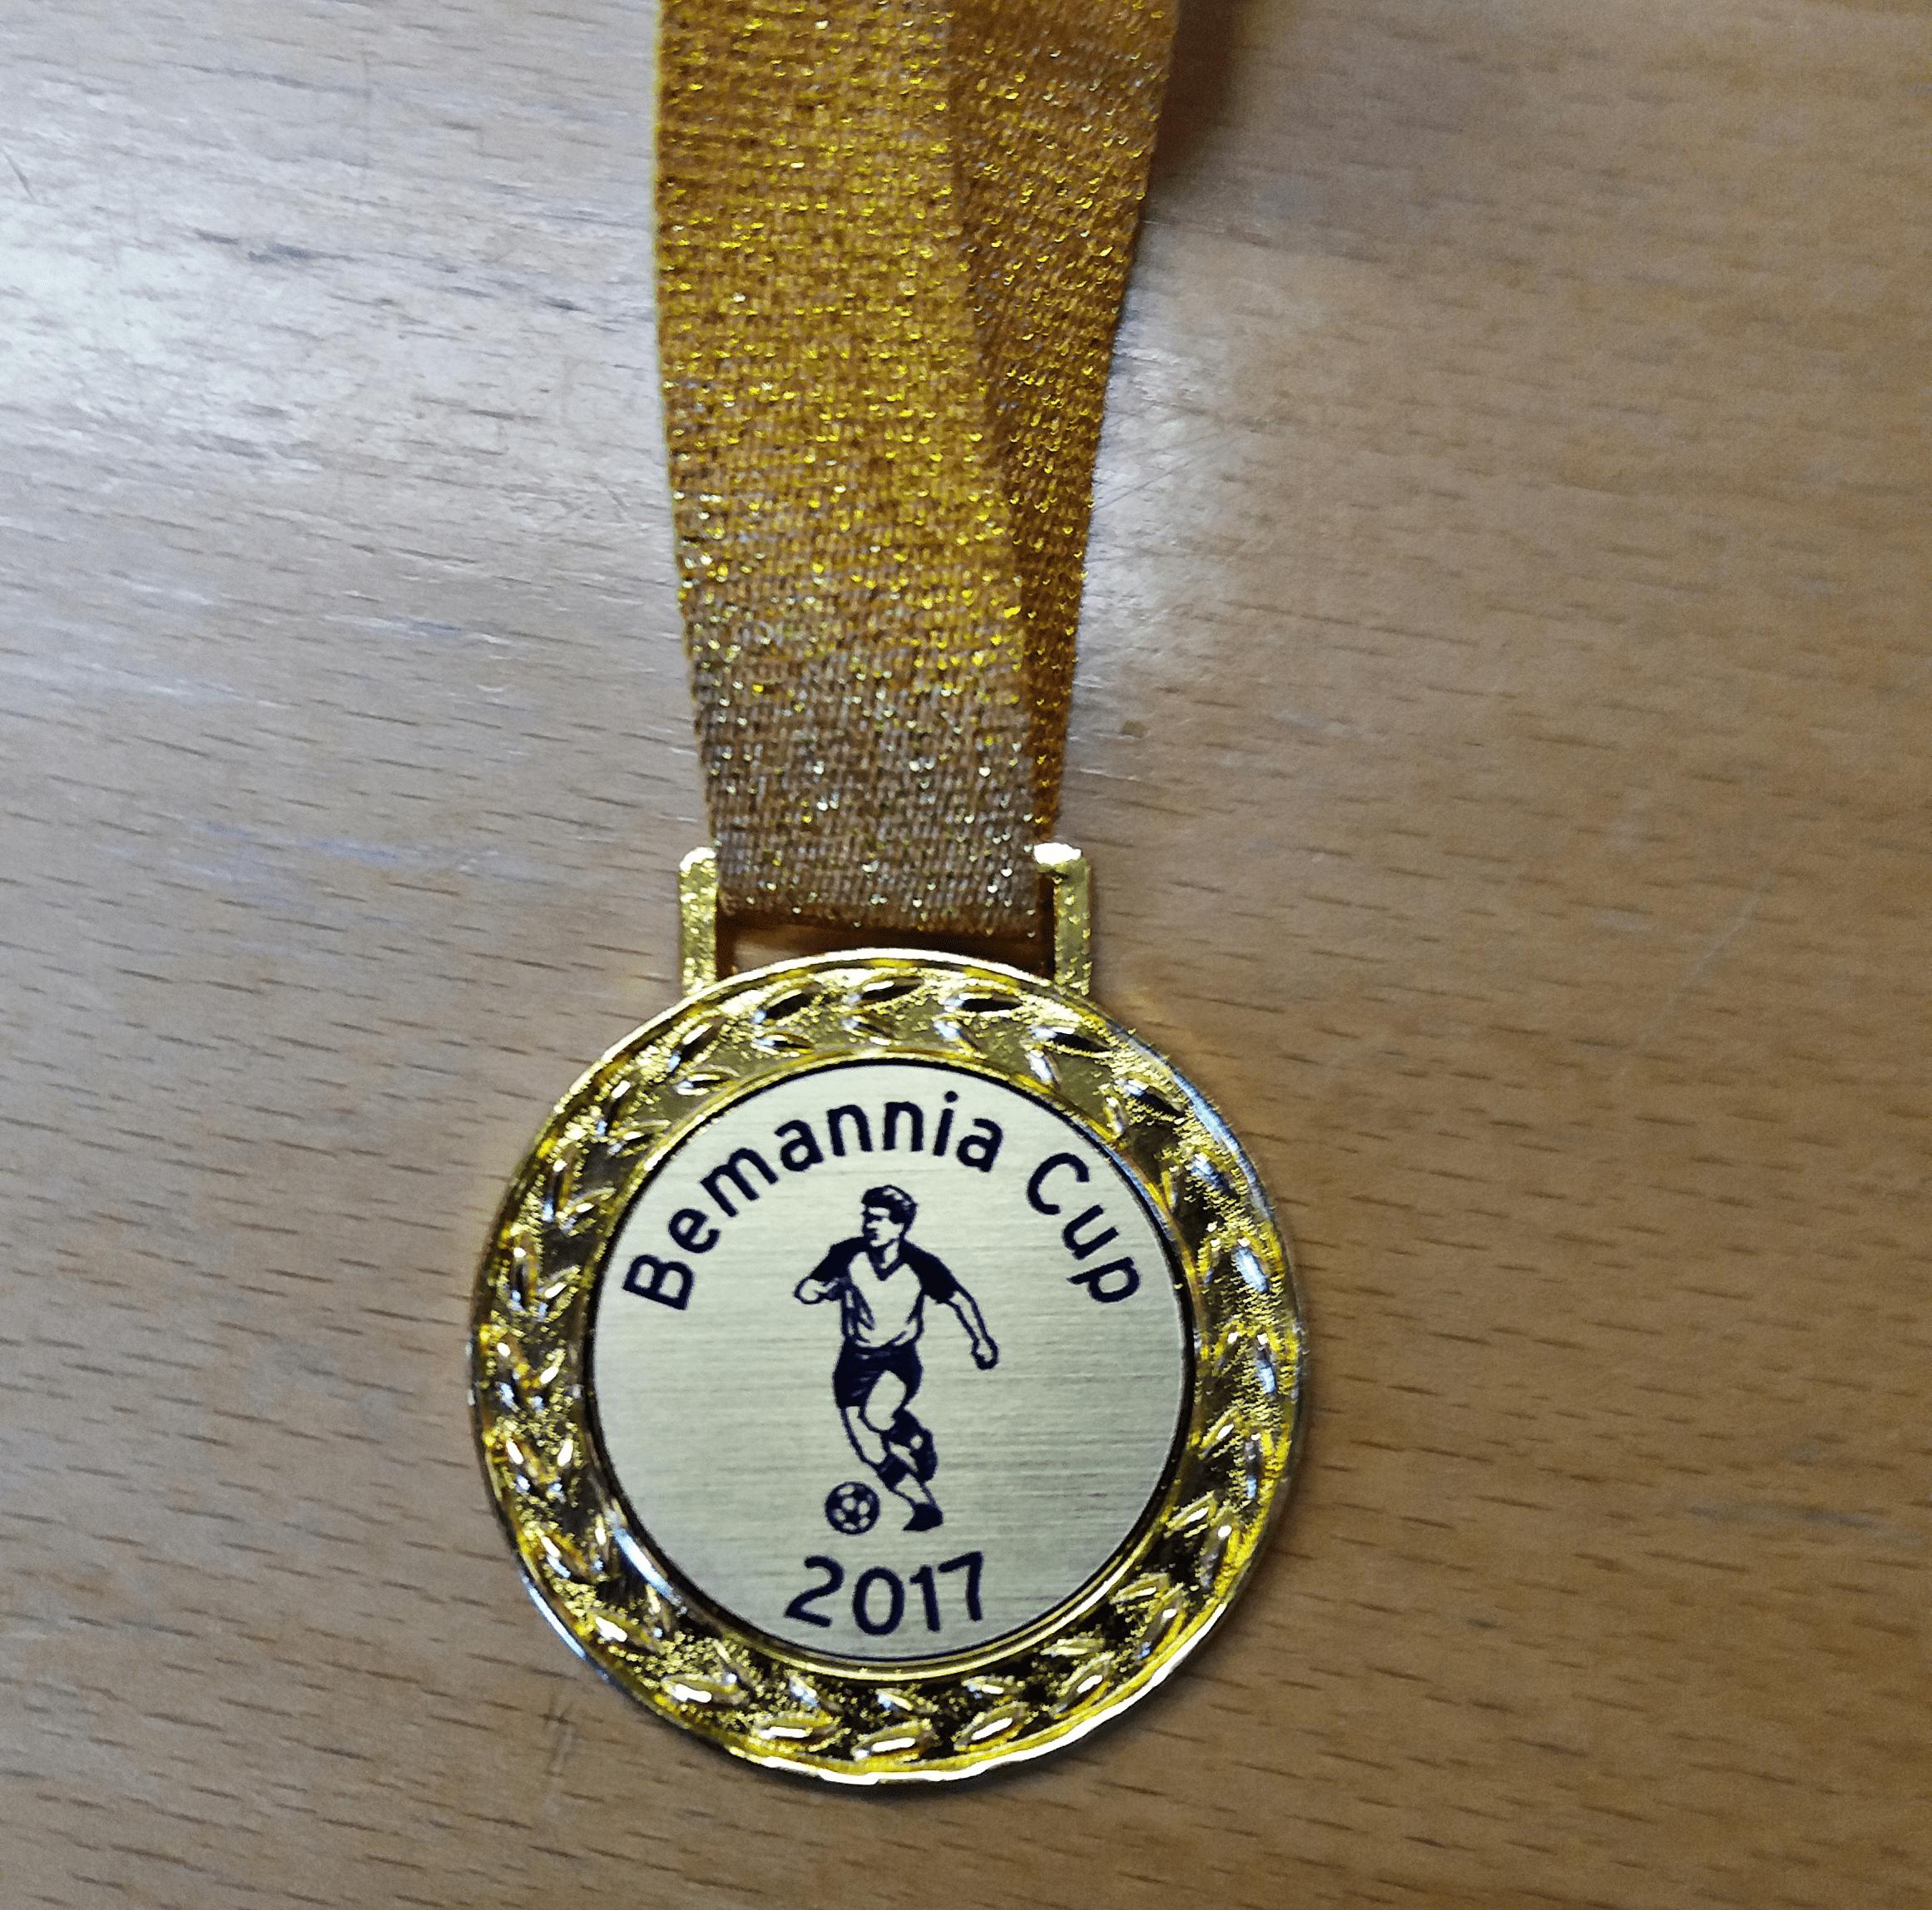 Pris i Bemannia Cup i Hofors